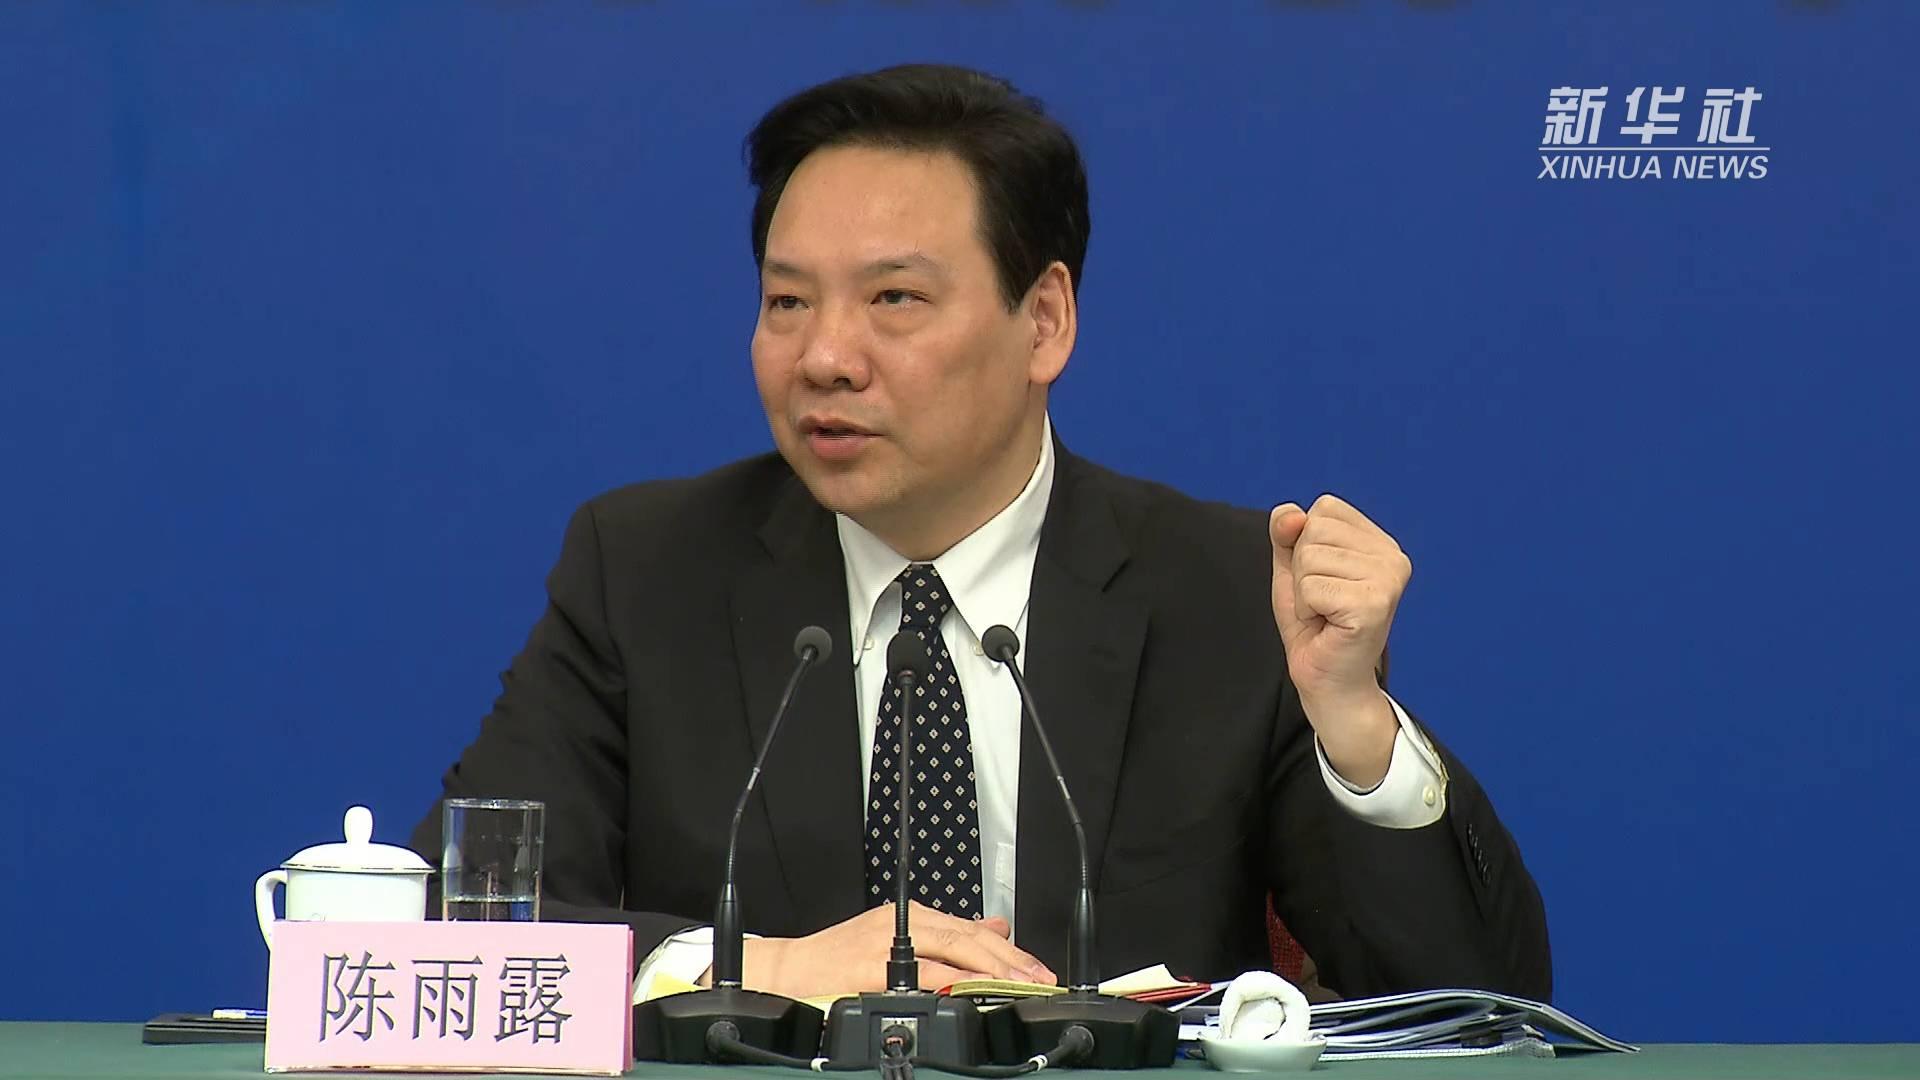 <b>陈雨露:目前征信体系是政府+市场双轮驱动模式</b>